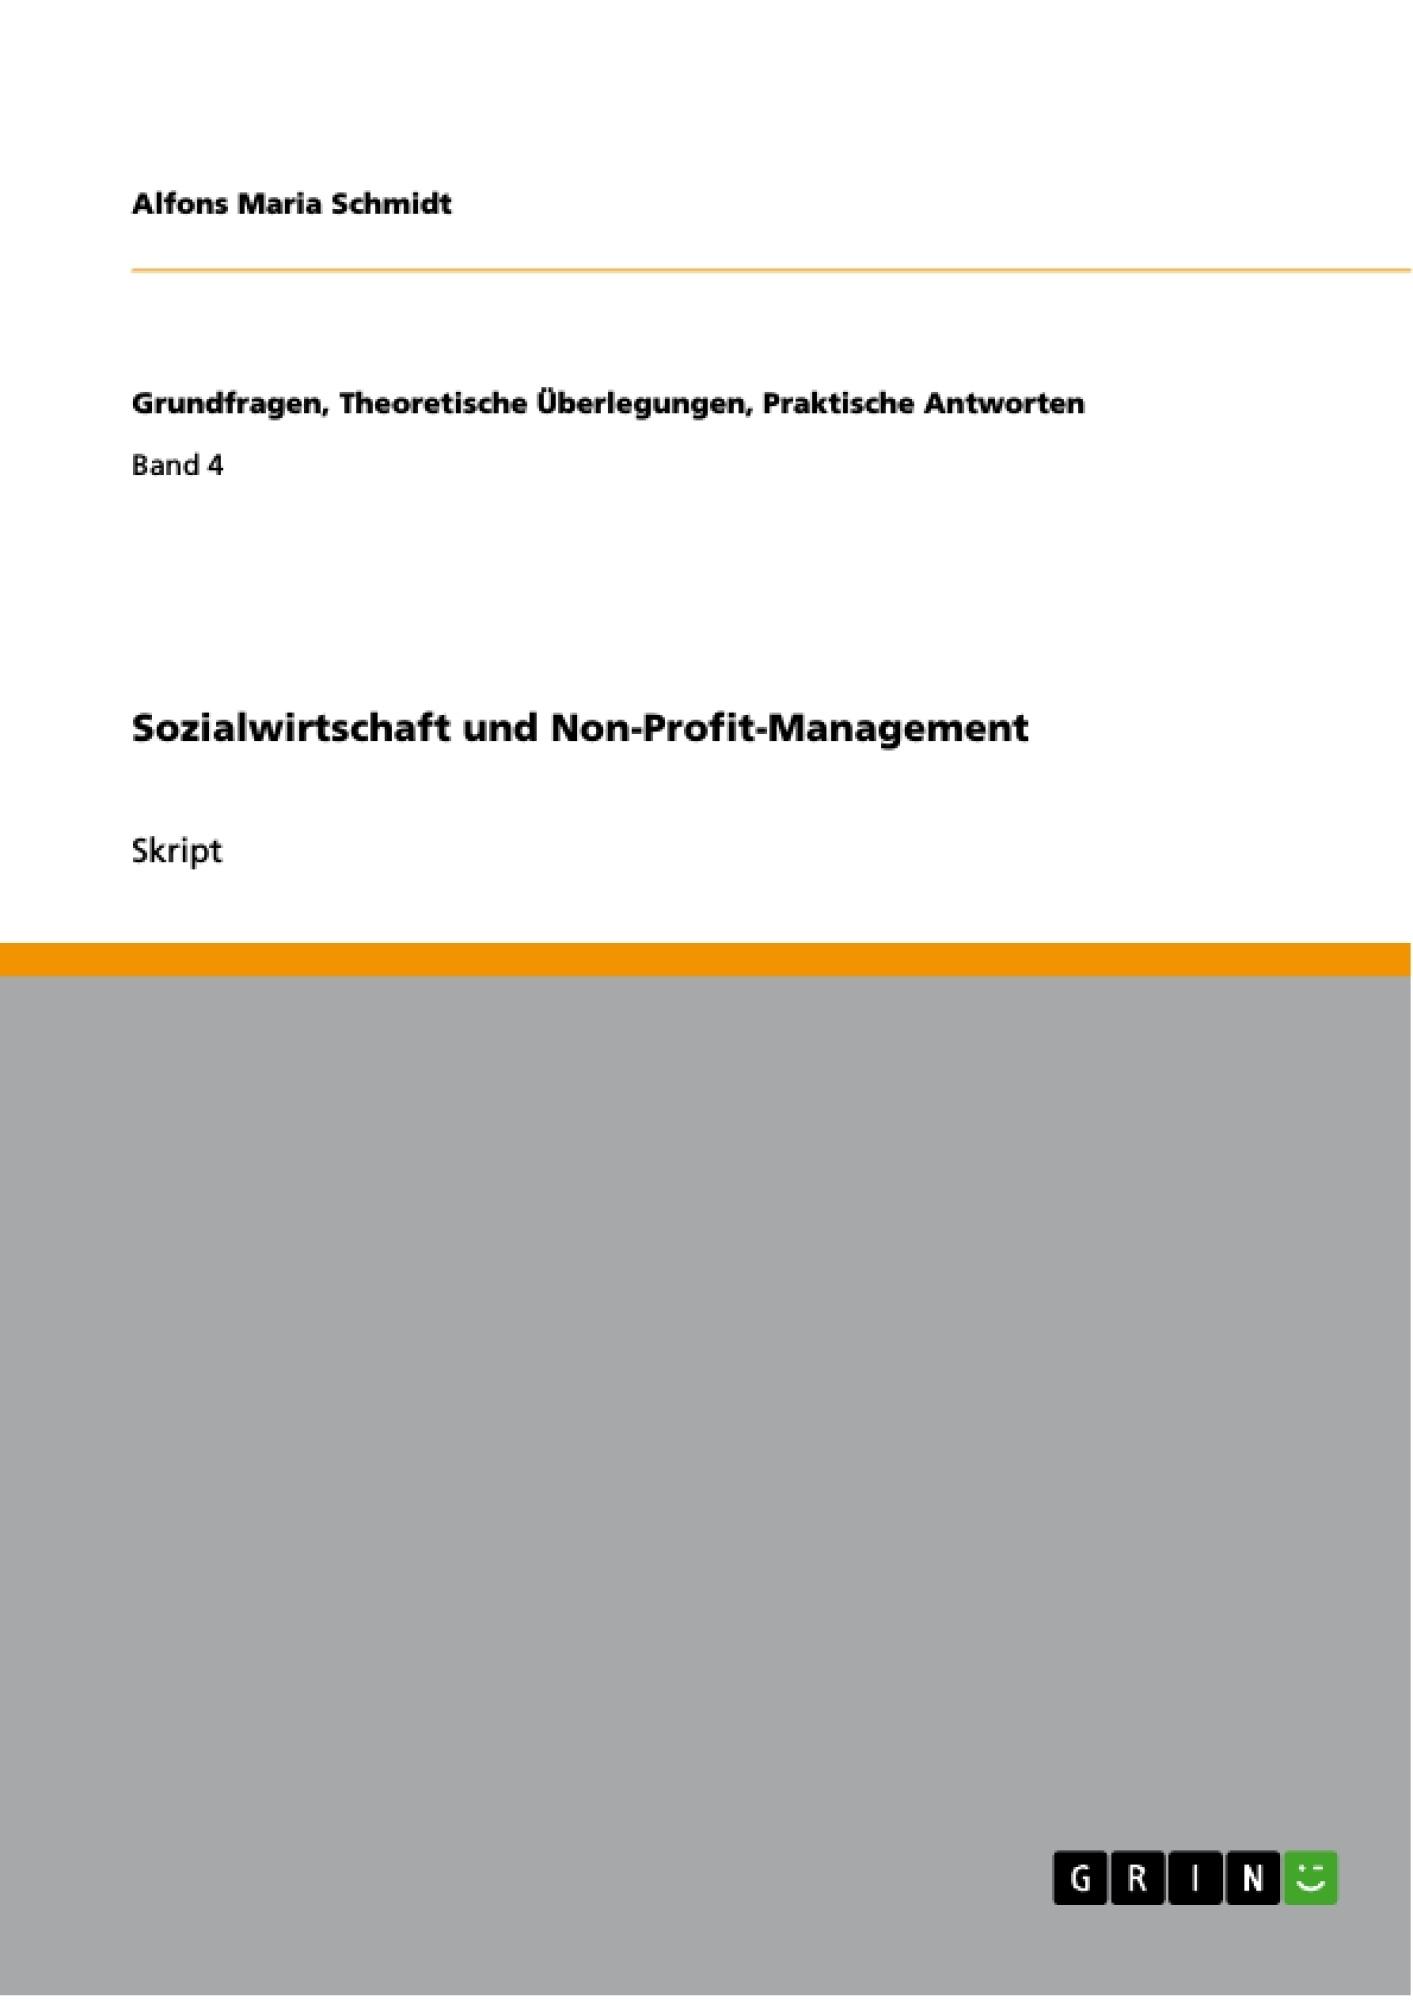 Titel: Sozialwirtschaft und Non-Profit-Management